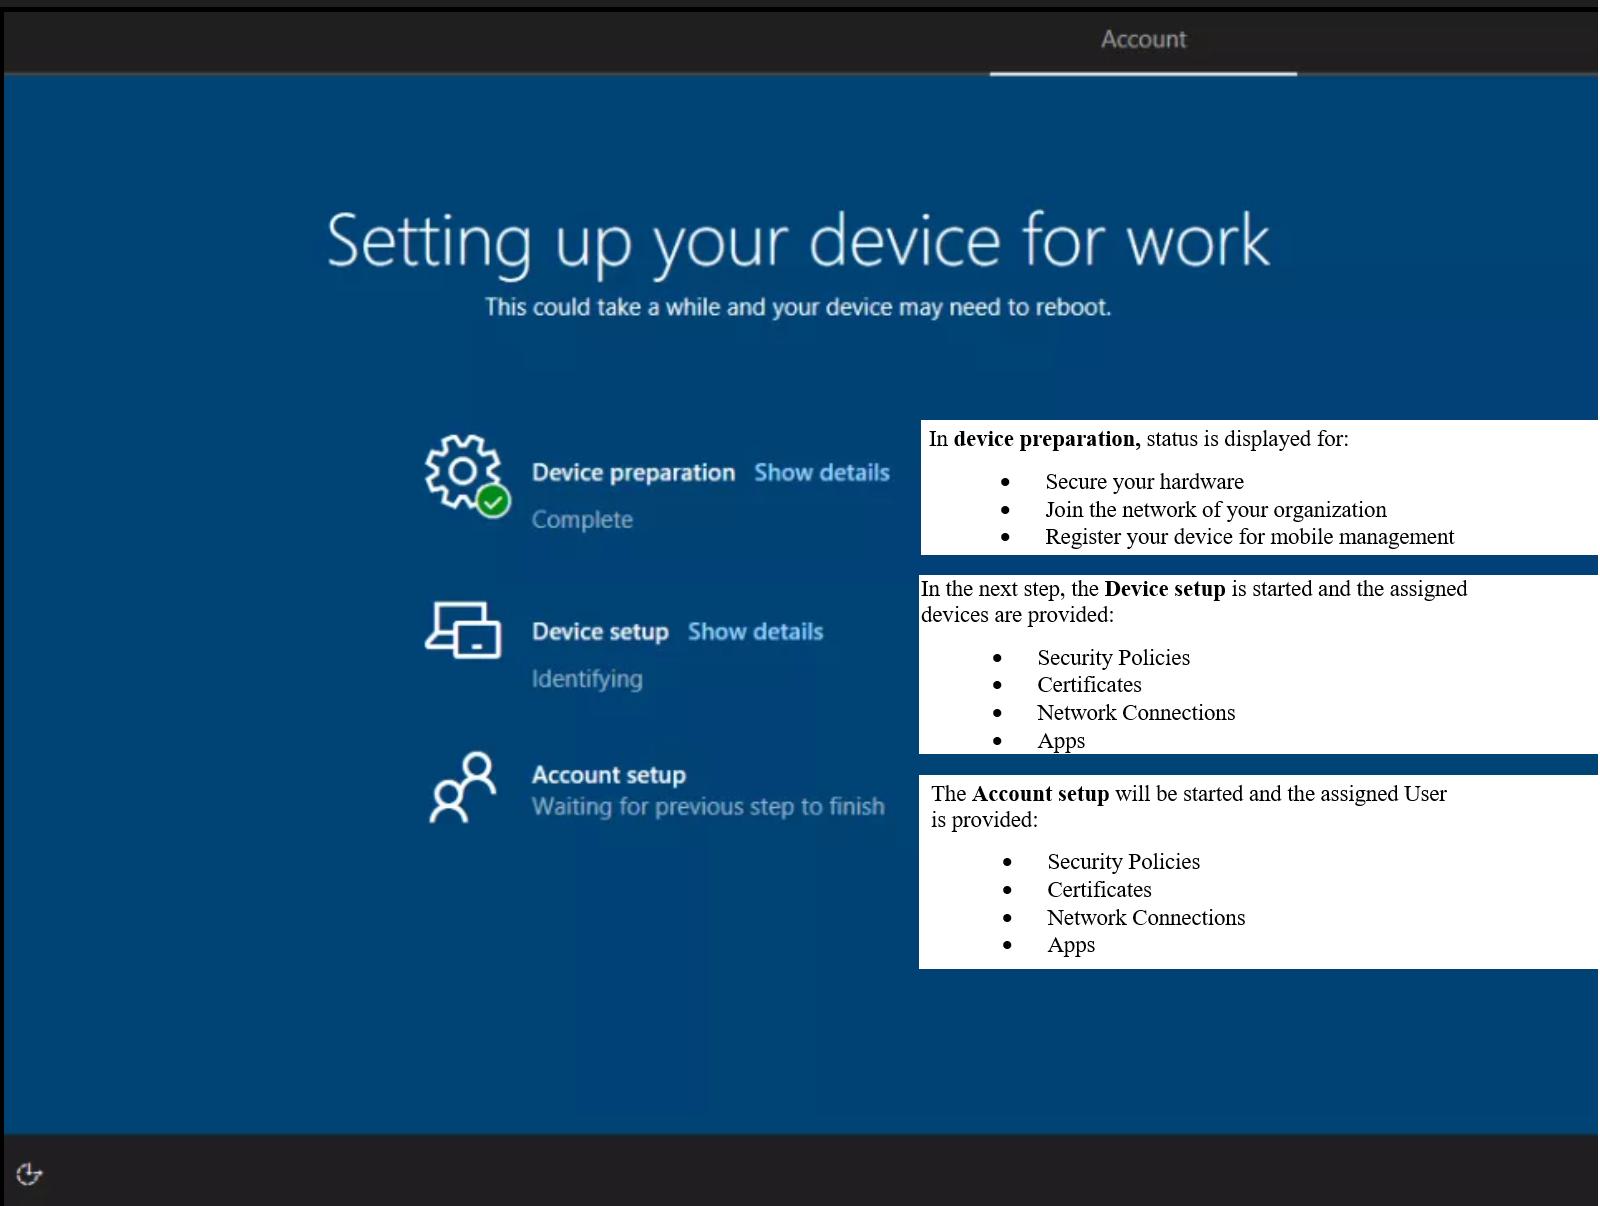 Windows Autopilot: Enrollment Status Page in Microsoft Intune - sepago